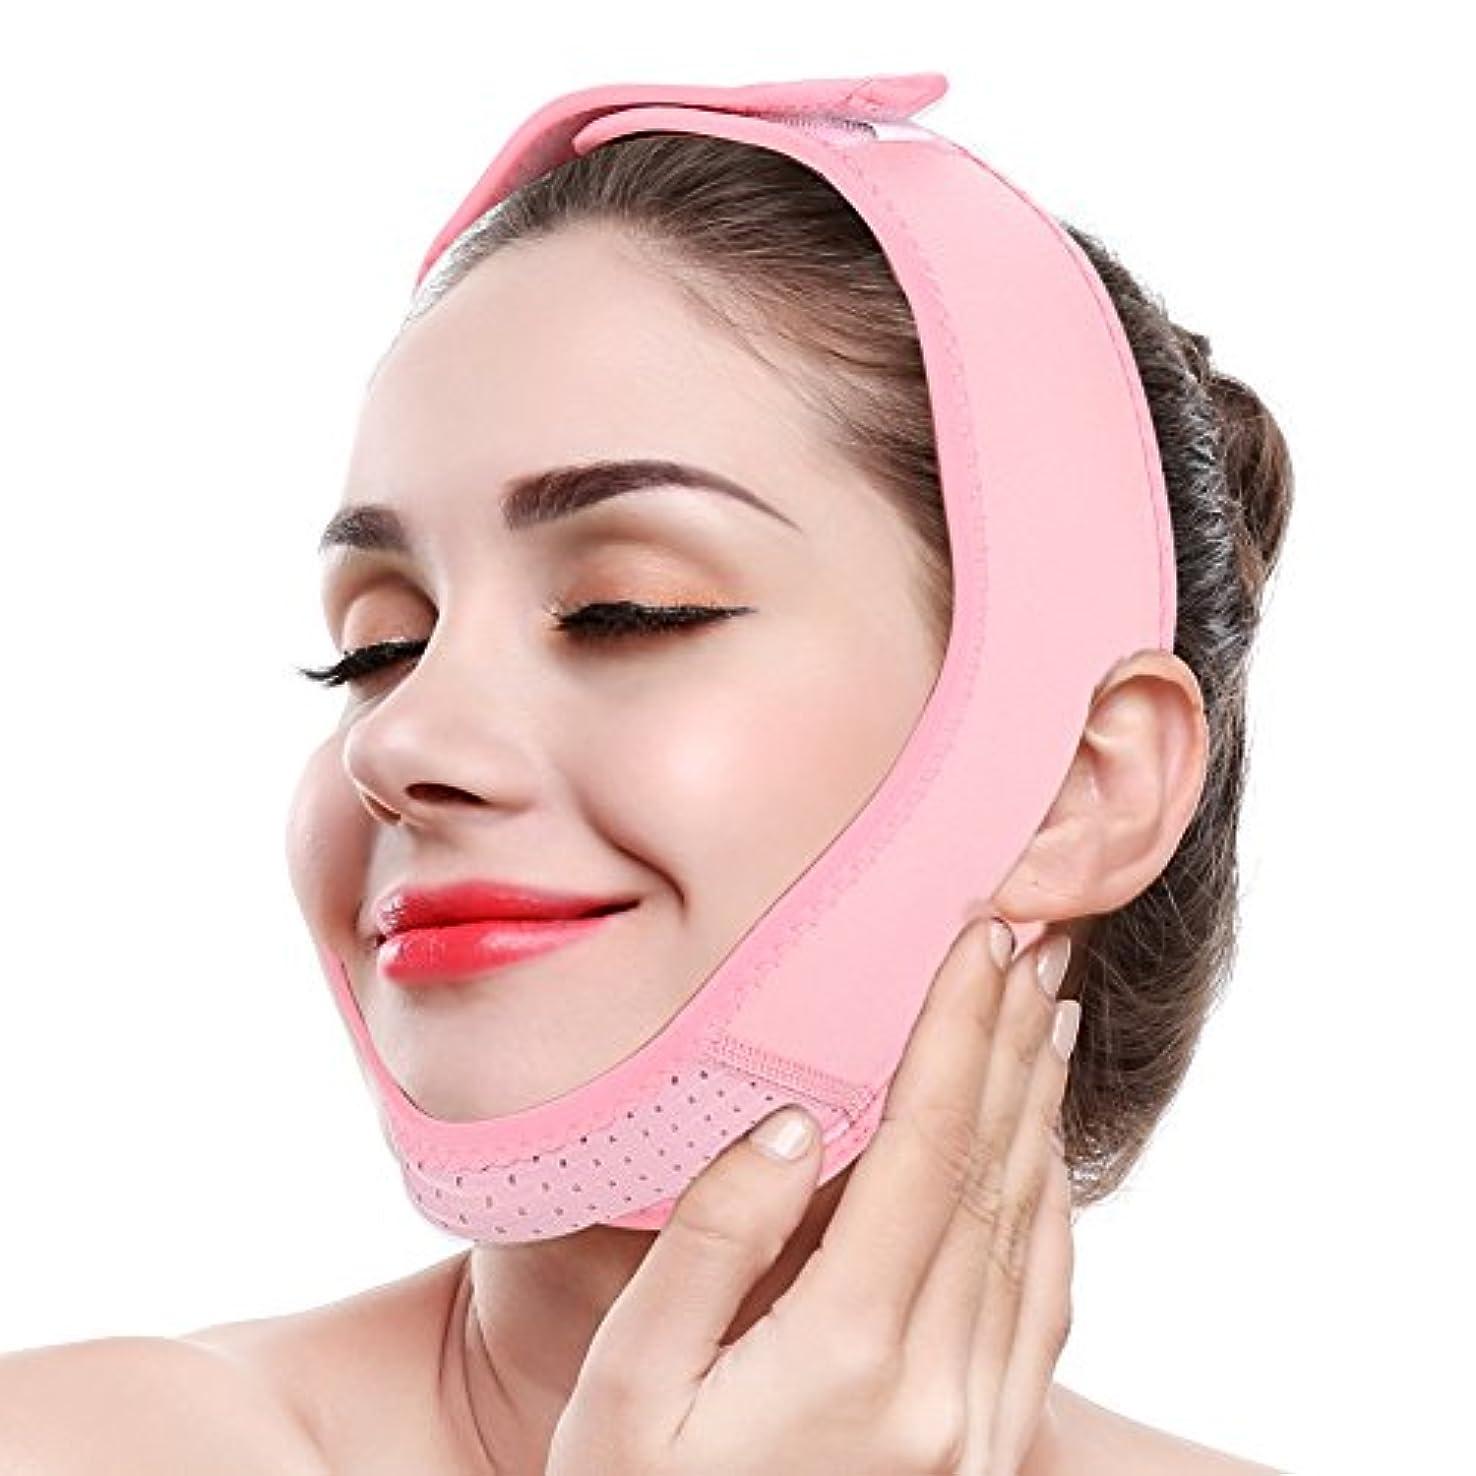 後方に一目慣れるSoarUp フェイスベルト 引き上げマスク フェイスラインベルト 小顔 矯正 マスク 二重あご 美顔器